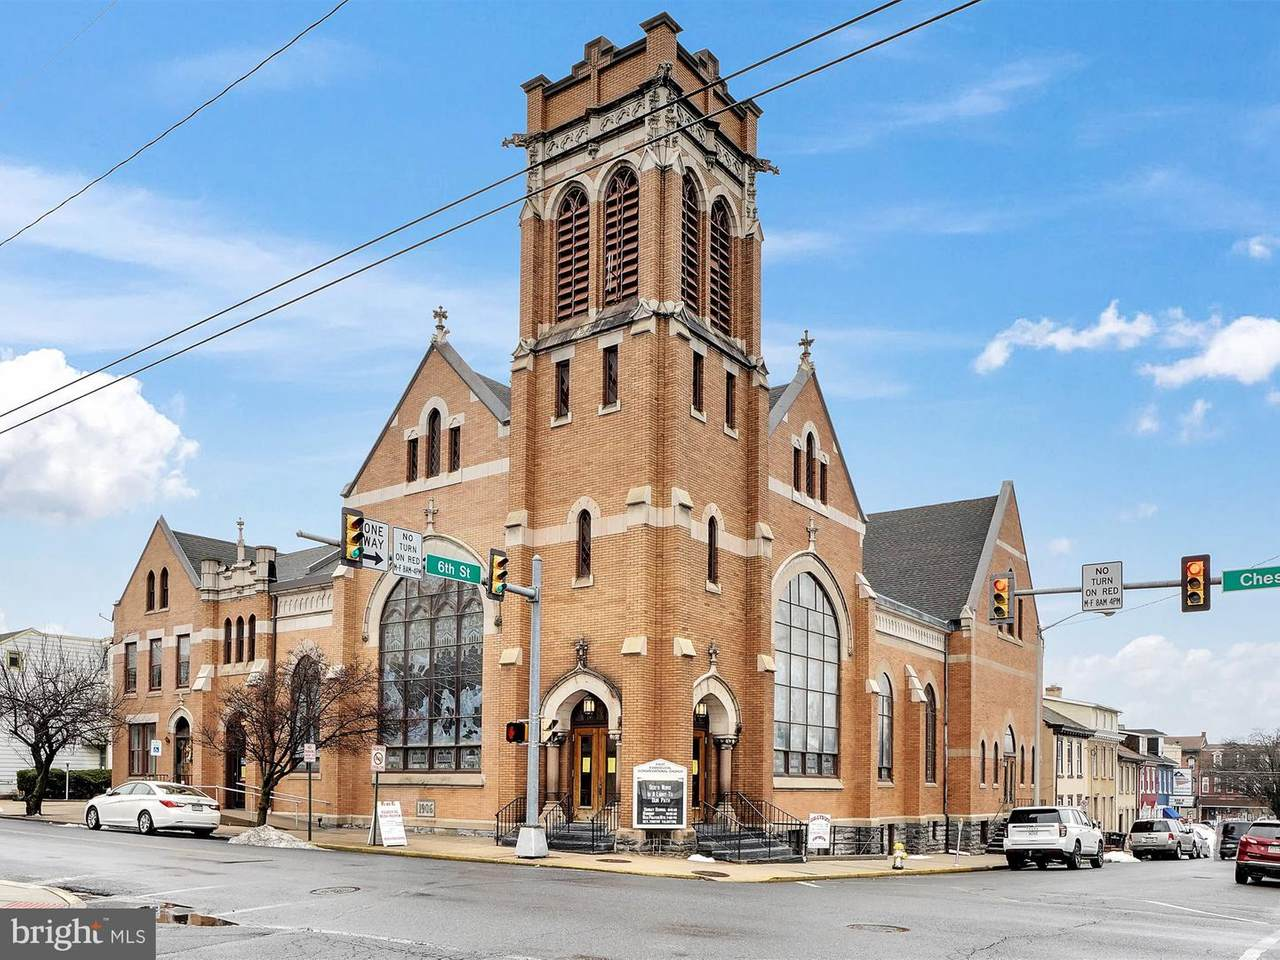 607-613 Chestnut Street - Photo 1